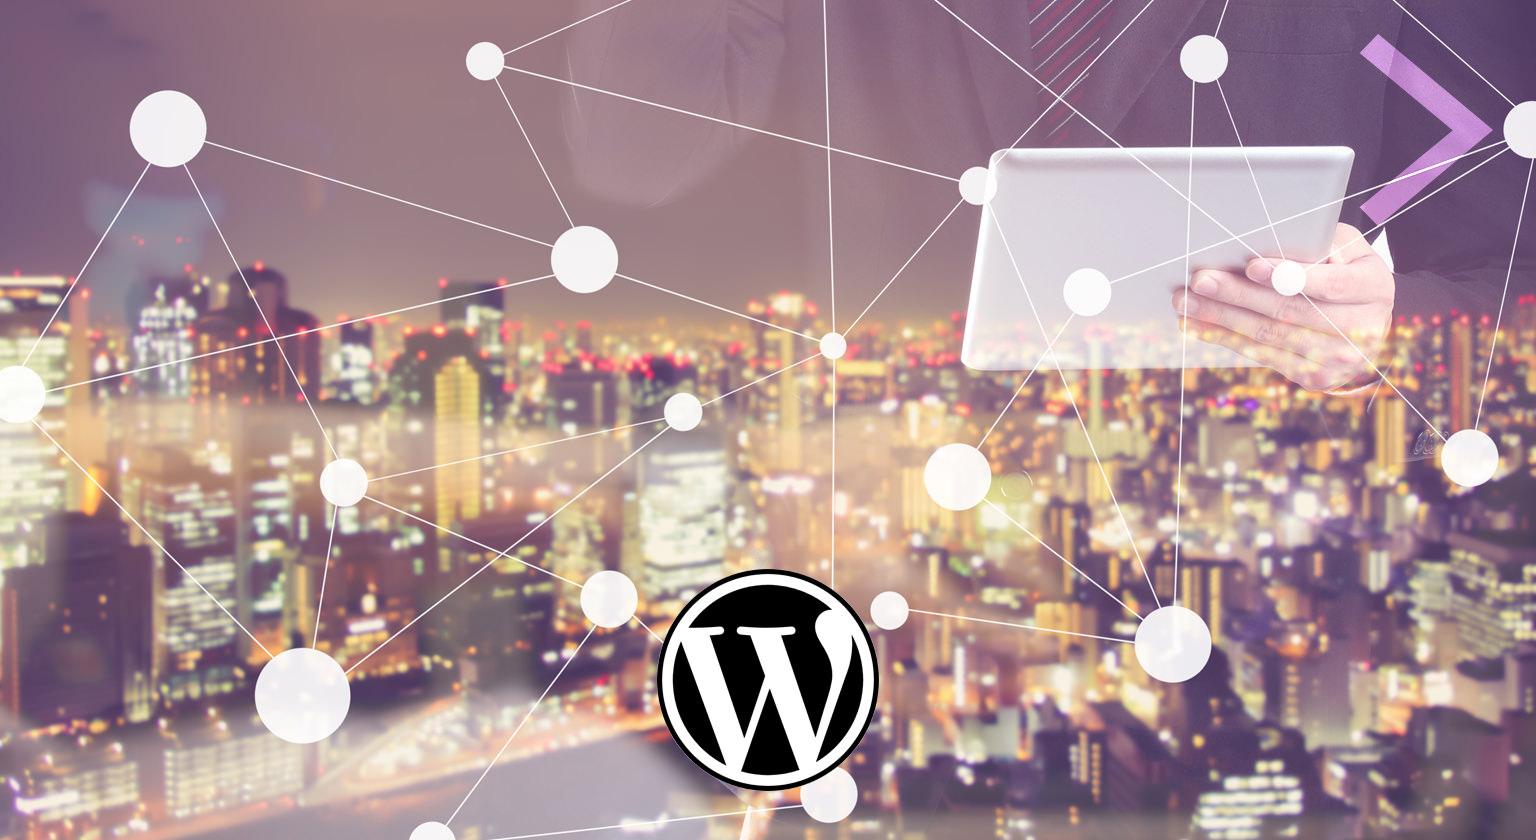 Wordpress und Typo3 im Vergleich